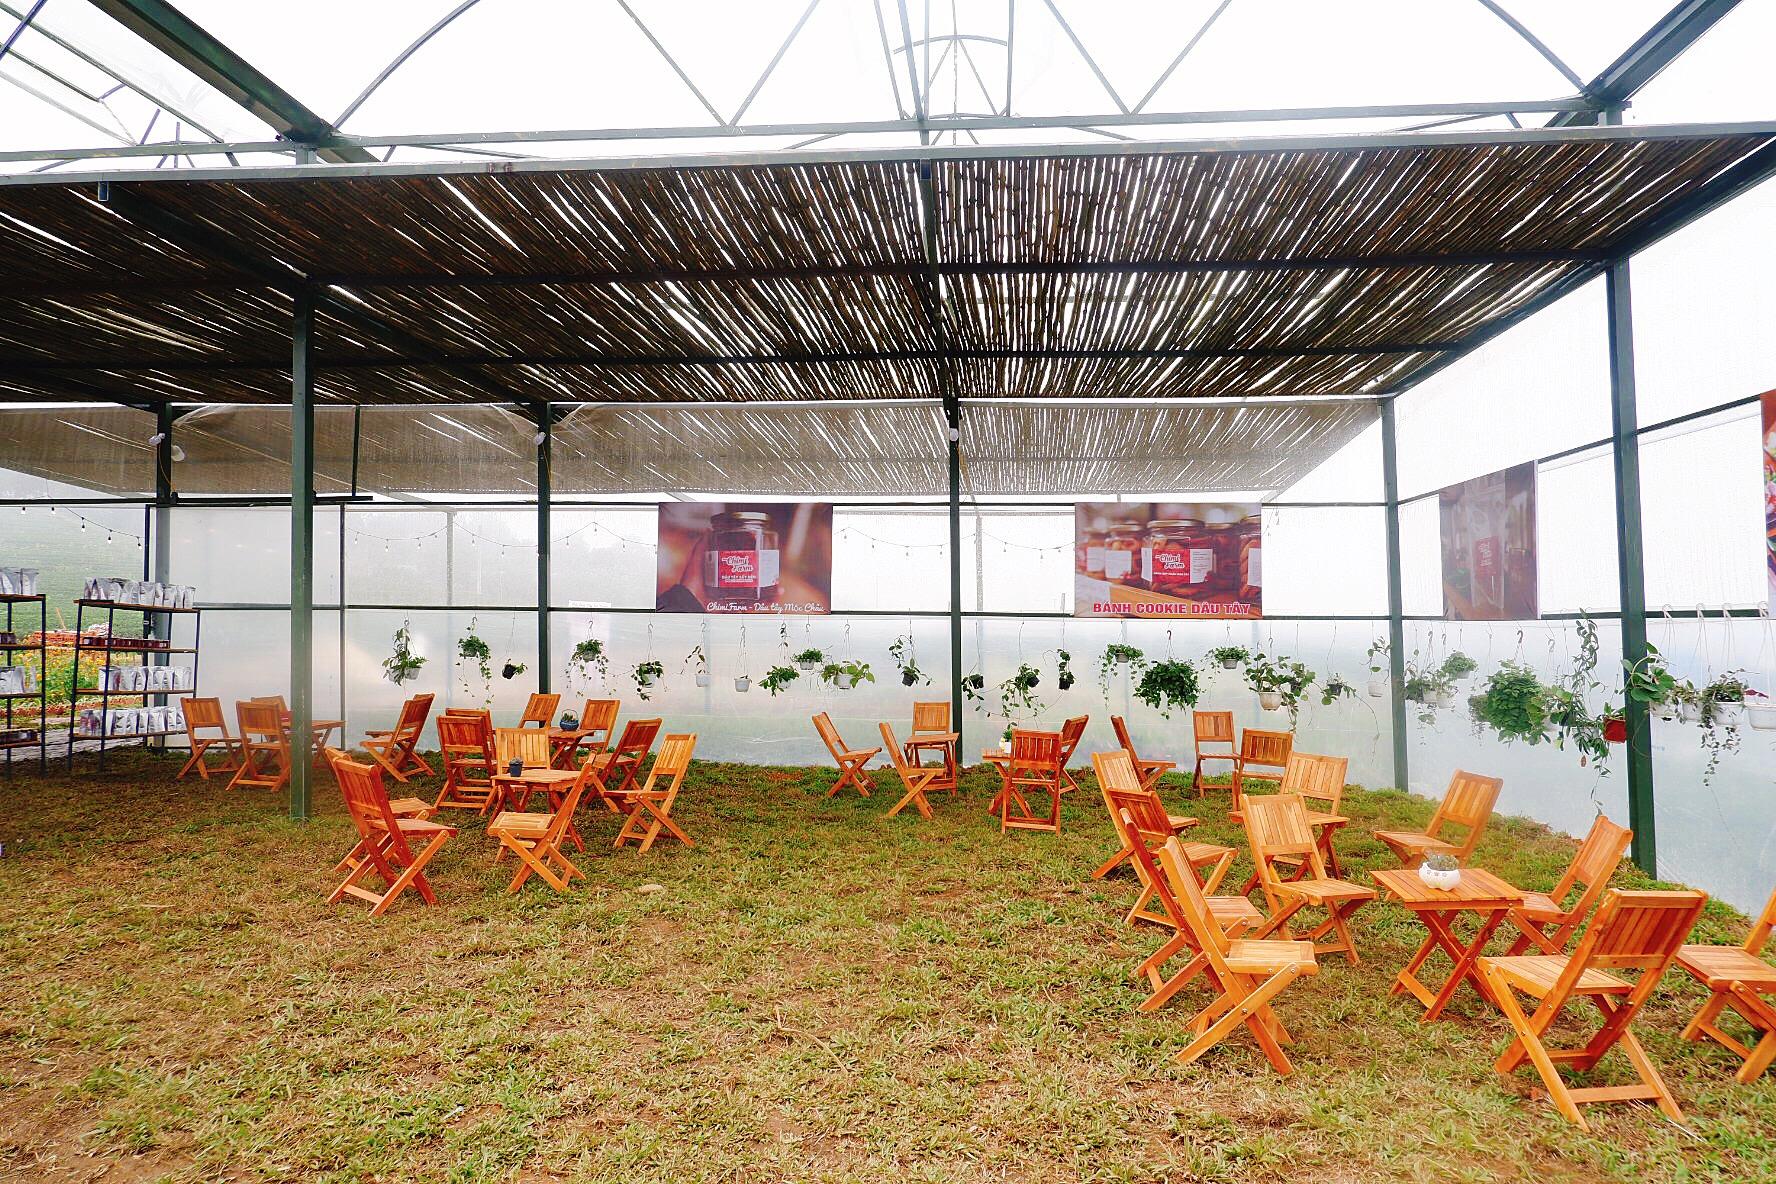 Khu vực để du khách ngồi thưởng thức sản phẩm của Chimi Farm